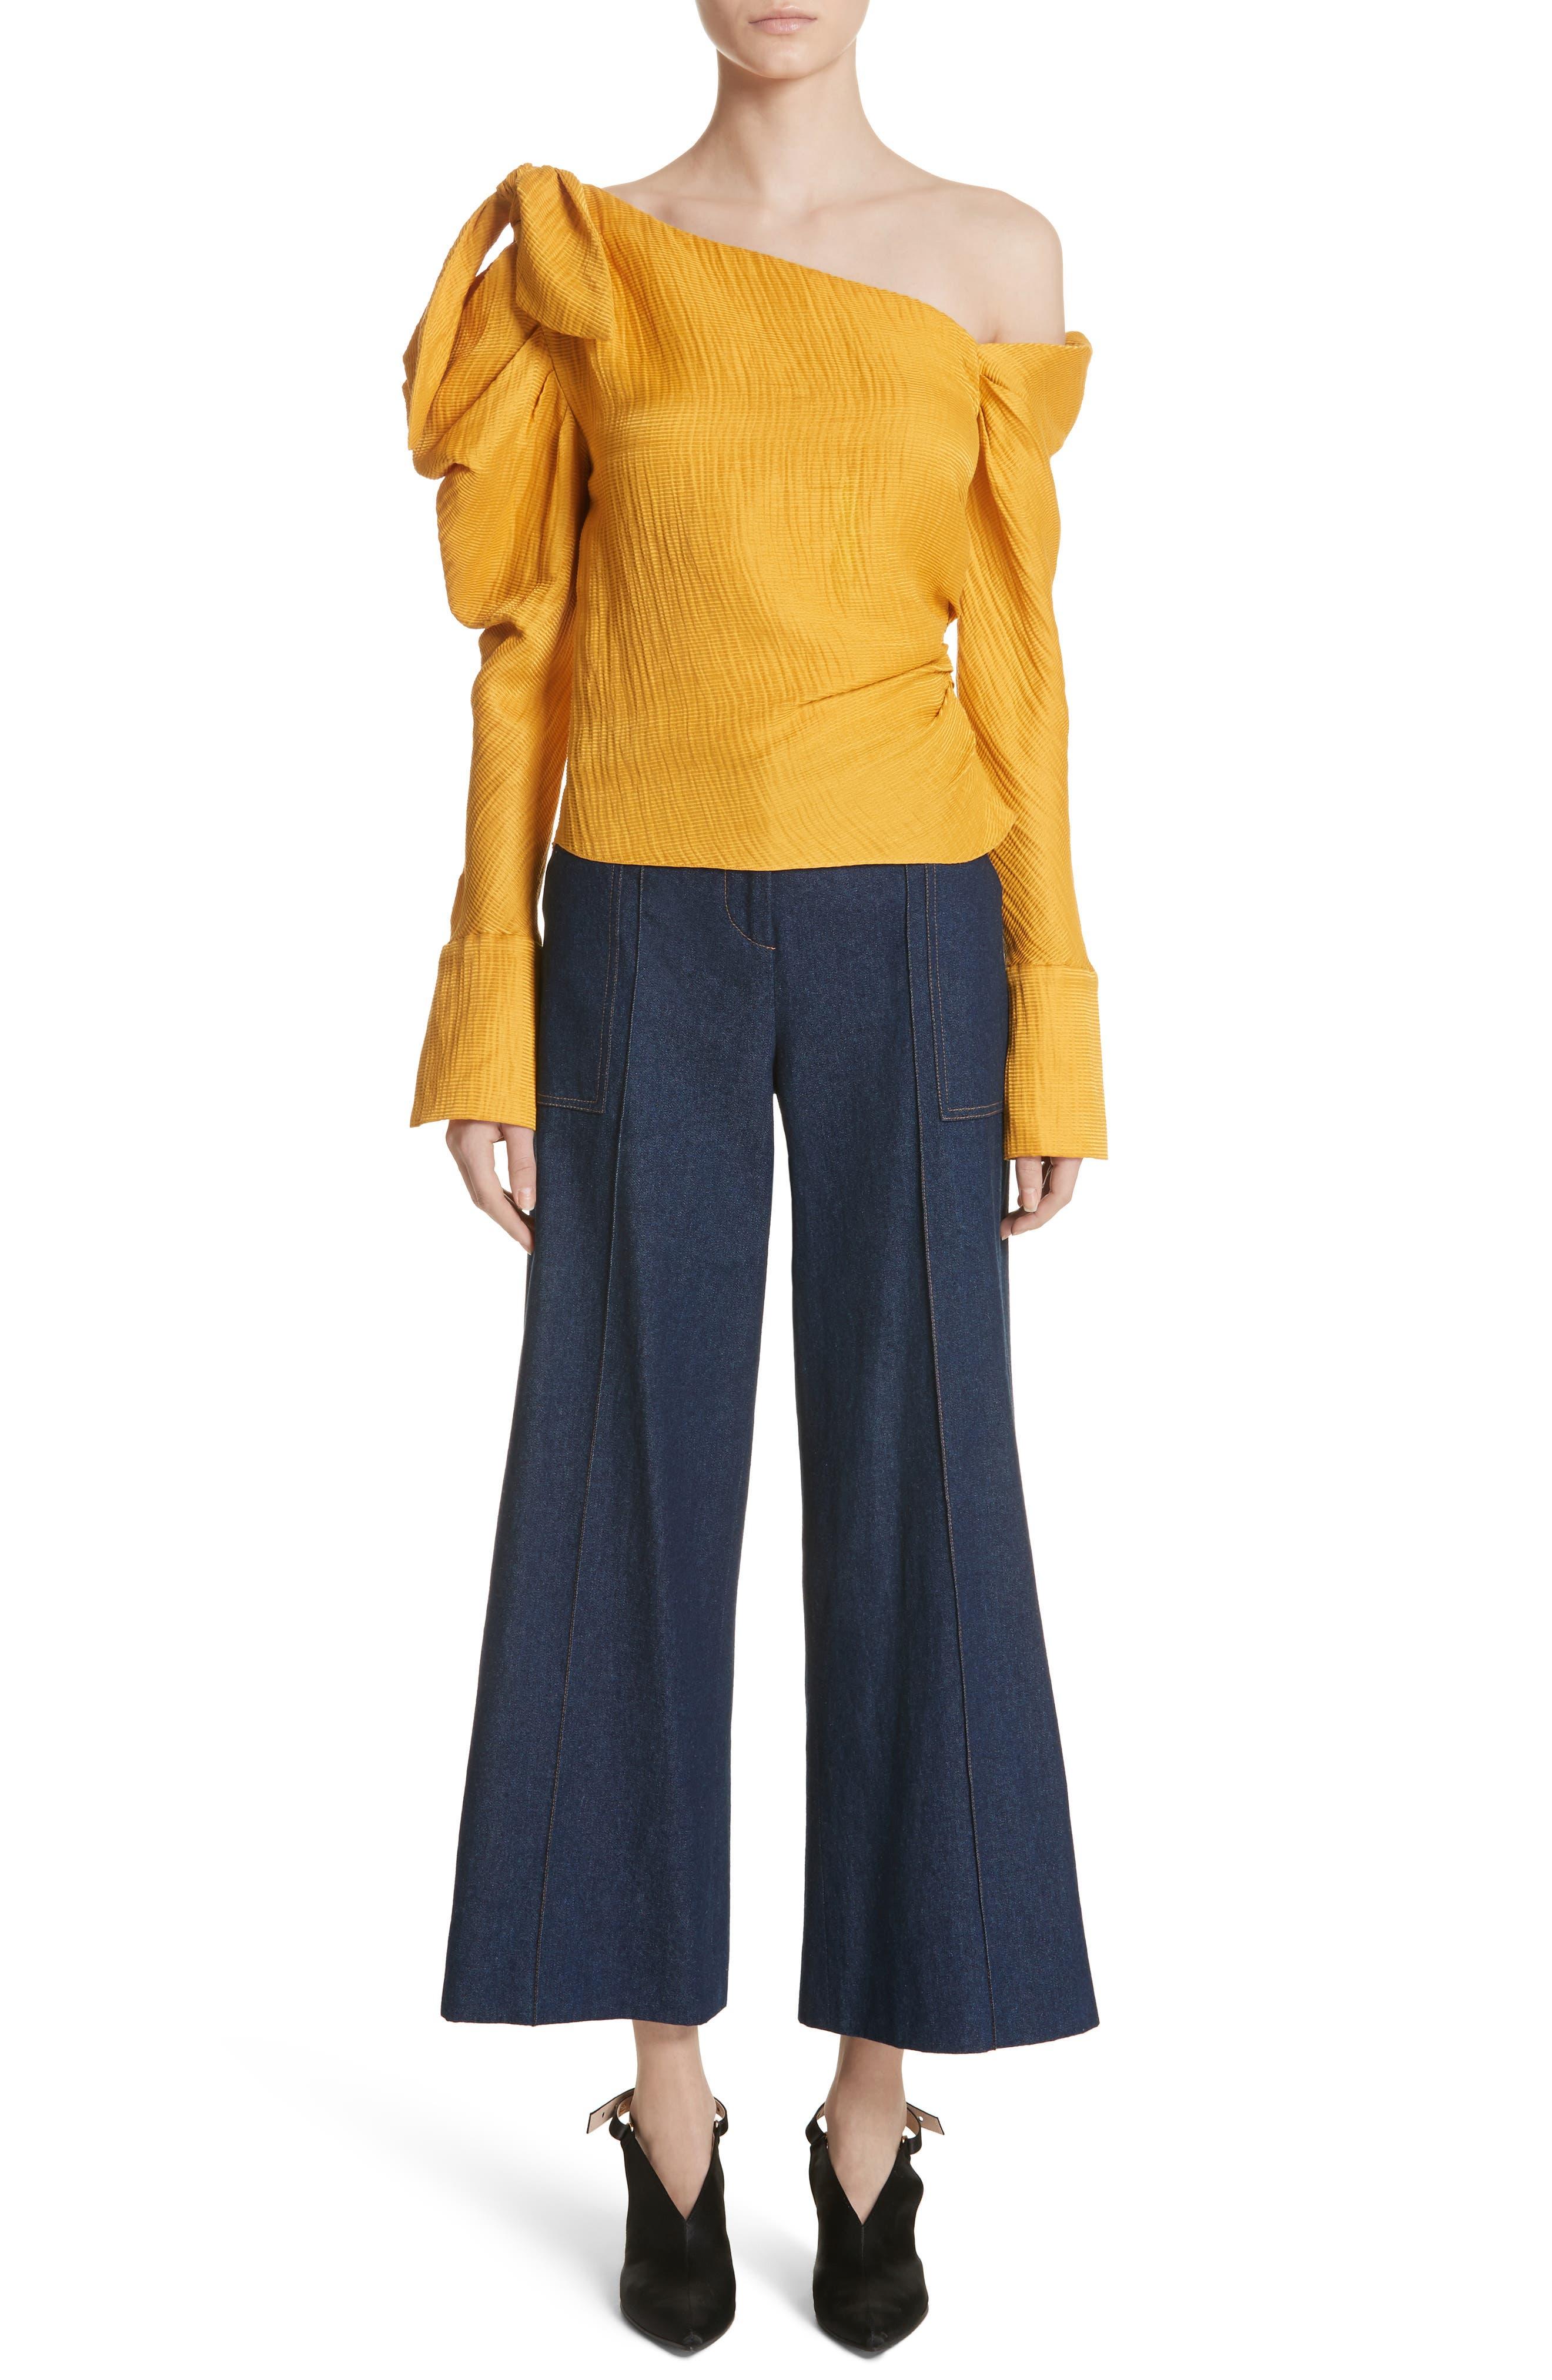 Dune Imitation Pearl Trim Wide Leg Crop Jeans,                             Alternate thumbnail 6, color,                             400